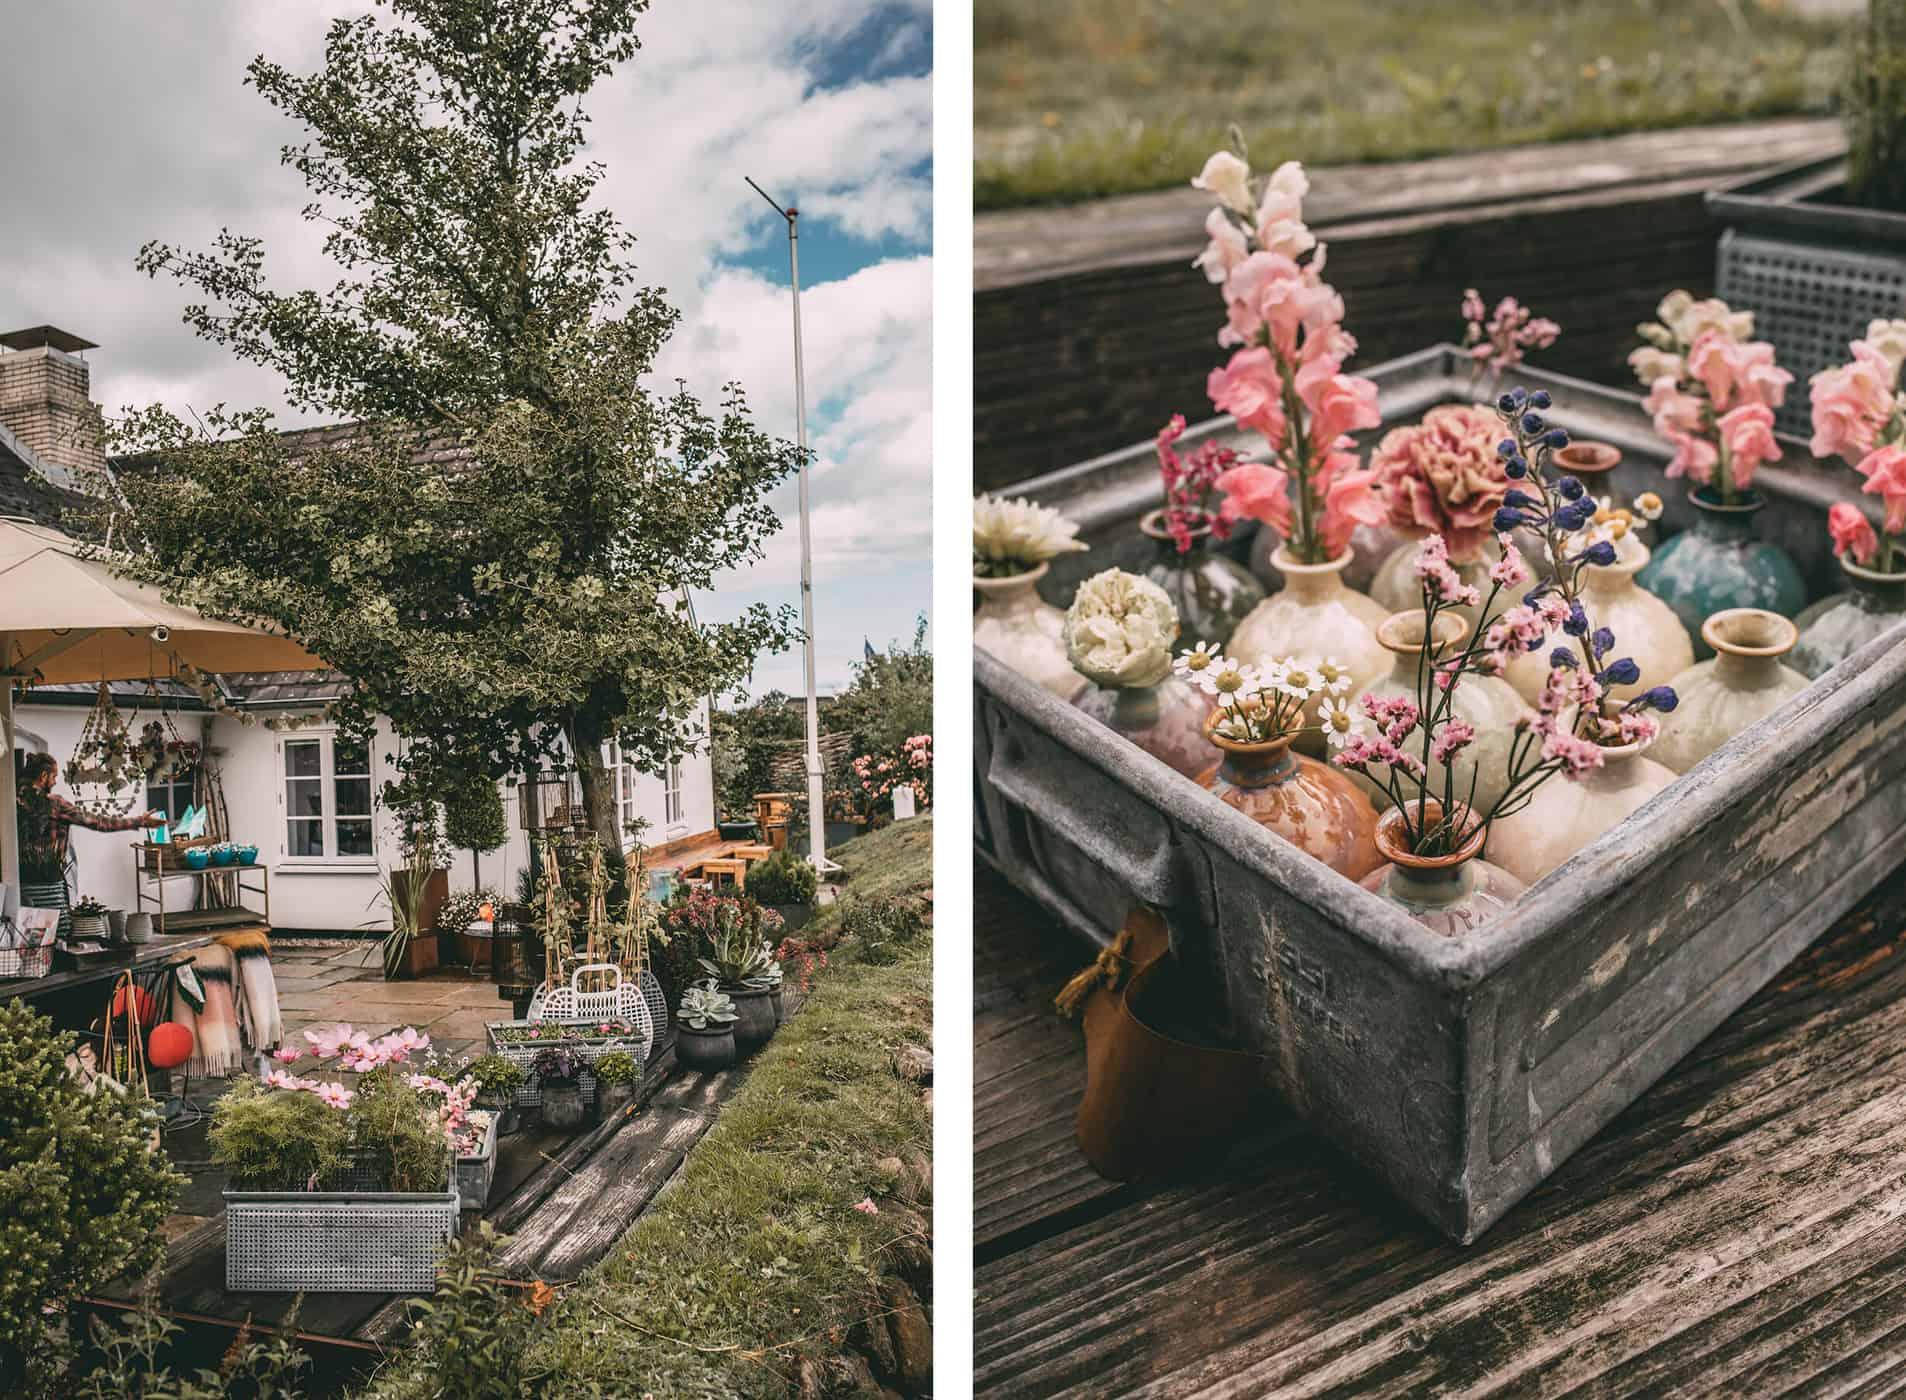 Genusskreisel Alte Wäscherei Blumenladen Keitum Sylt